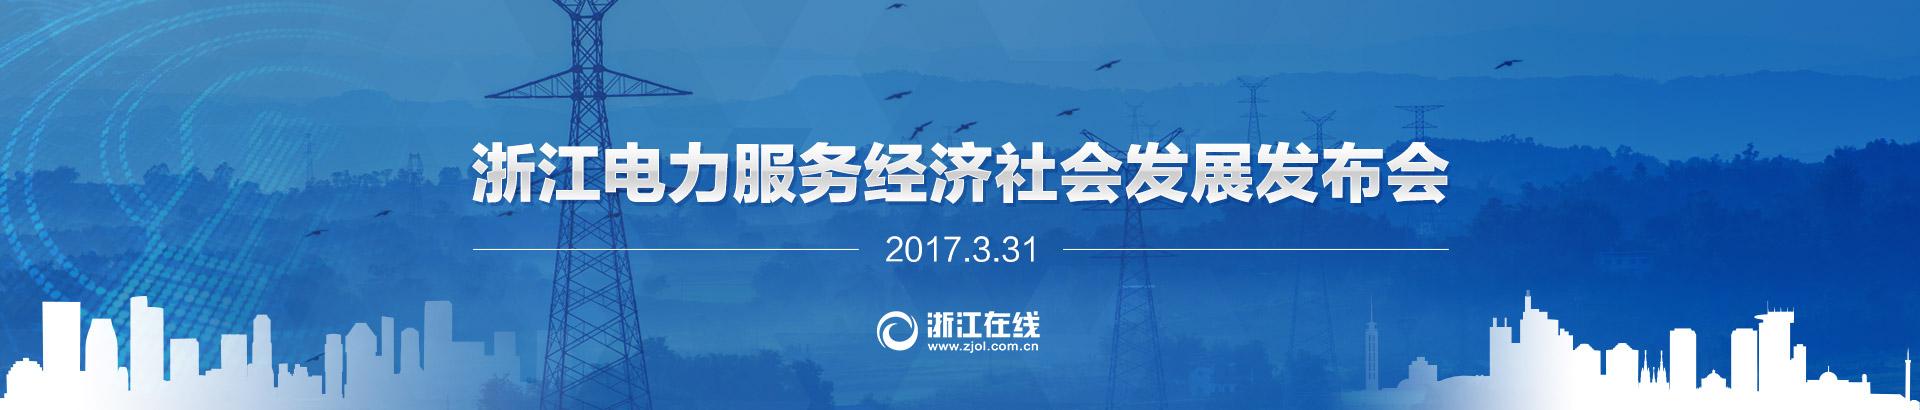 【专题】浙江电力服务经济社会发展发布会